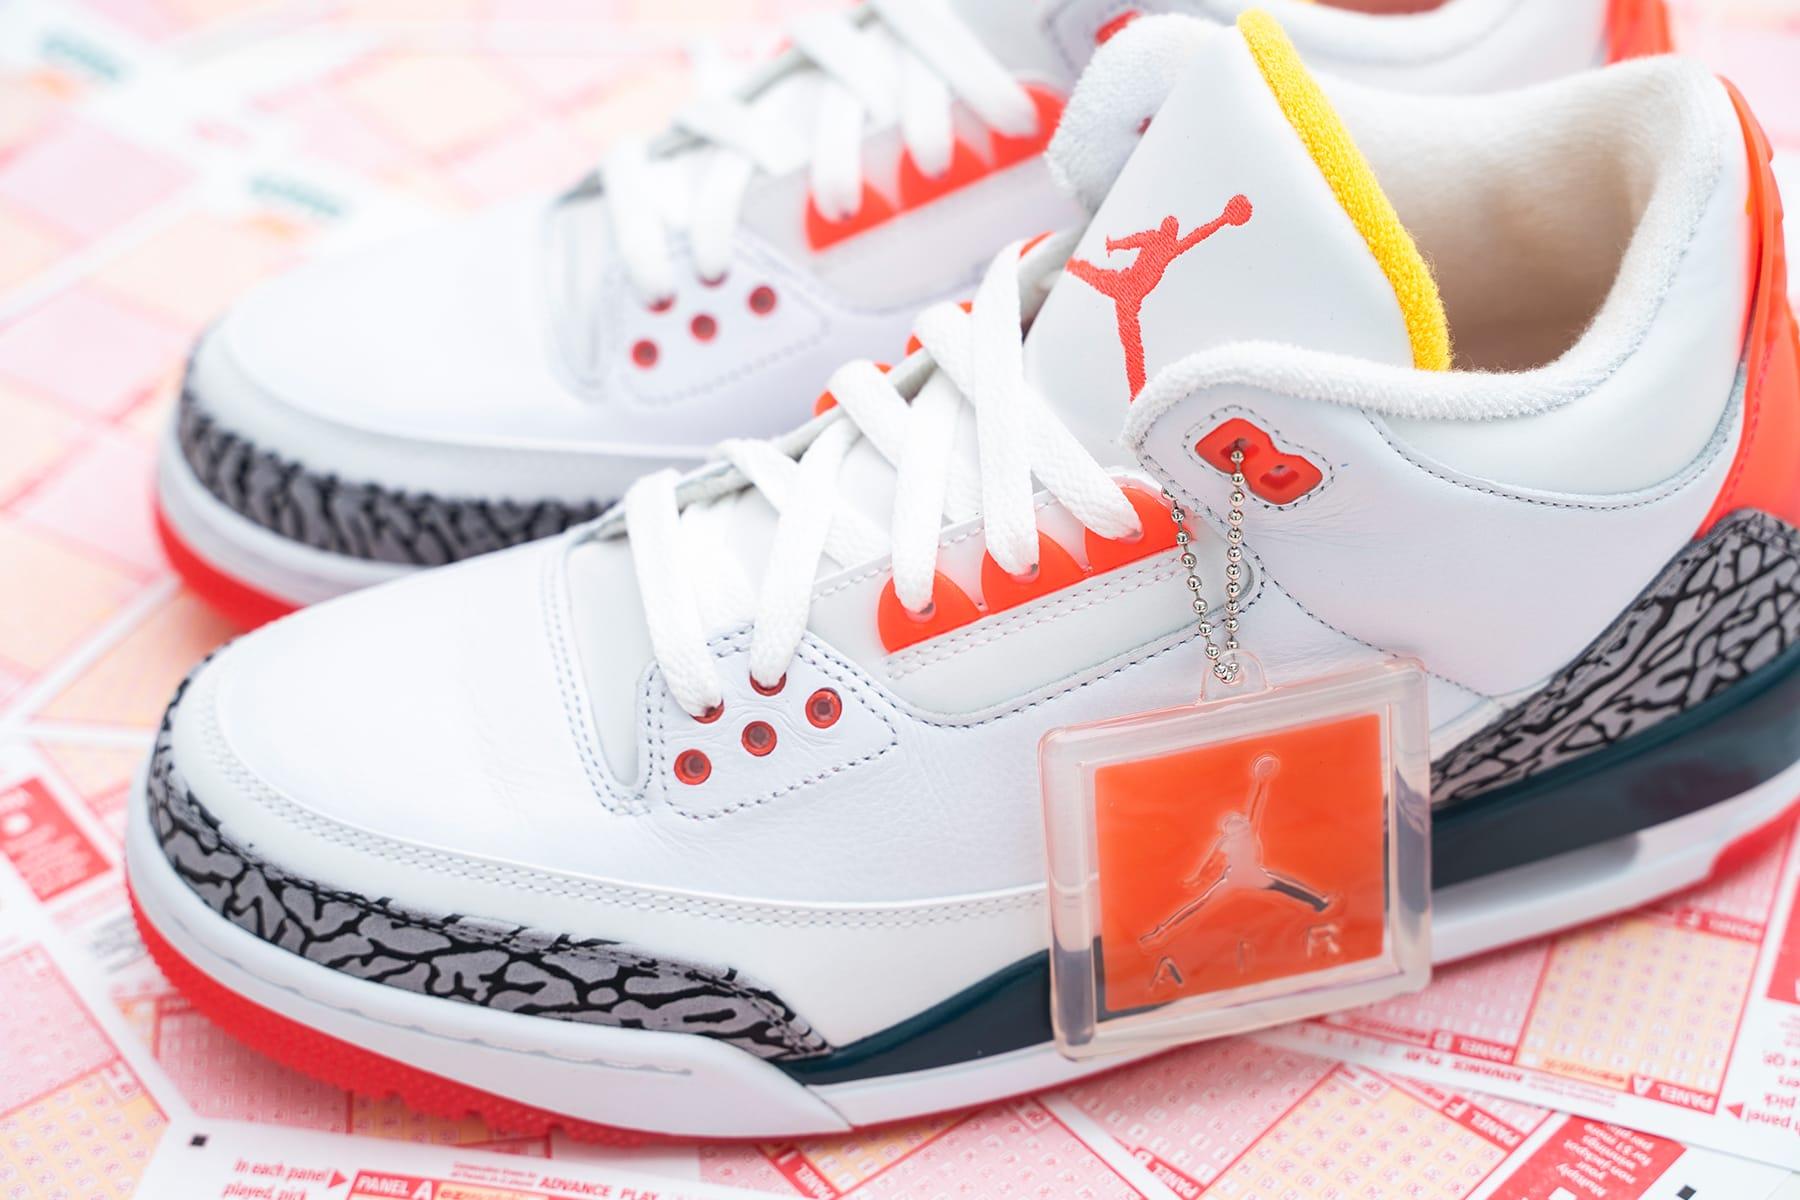 Air Jordan 3 \u0026 Racer 88 \